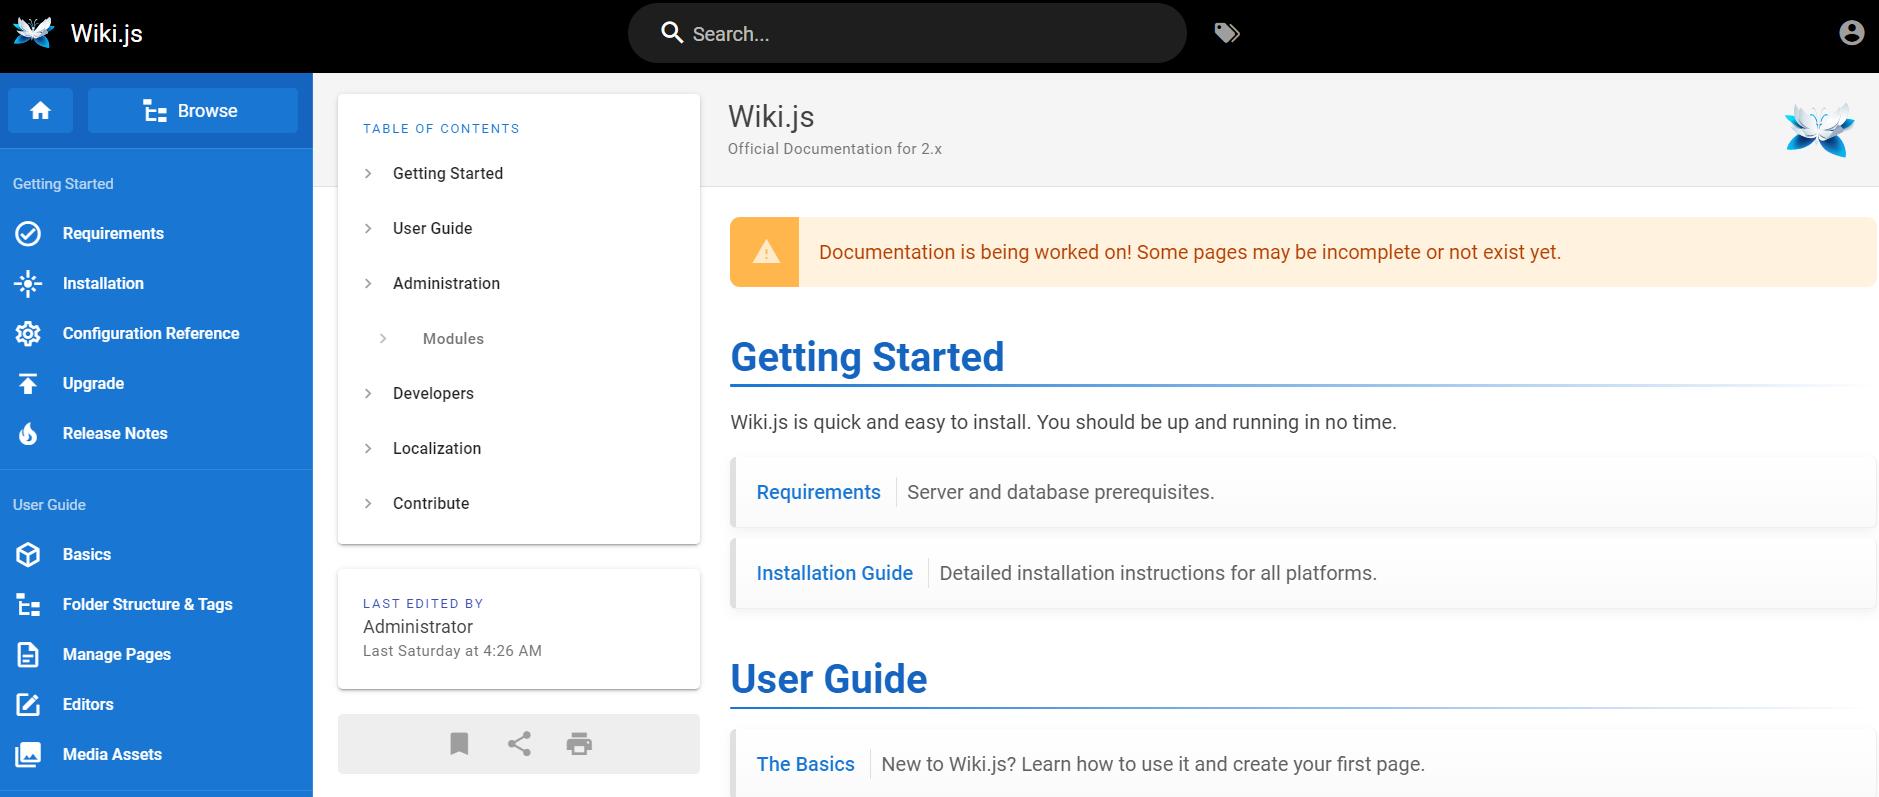 30 - Hướng dẫn cài đặt Wiki JS trên Windows Server 2016 - Google Cloud Platform